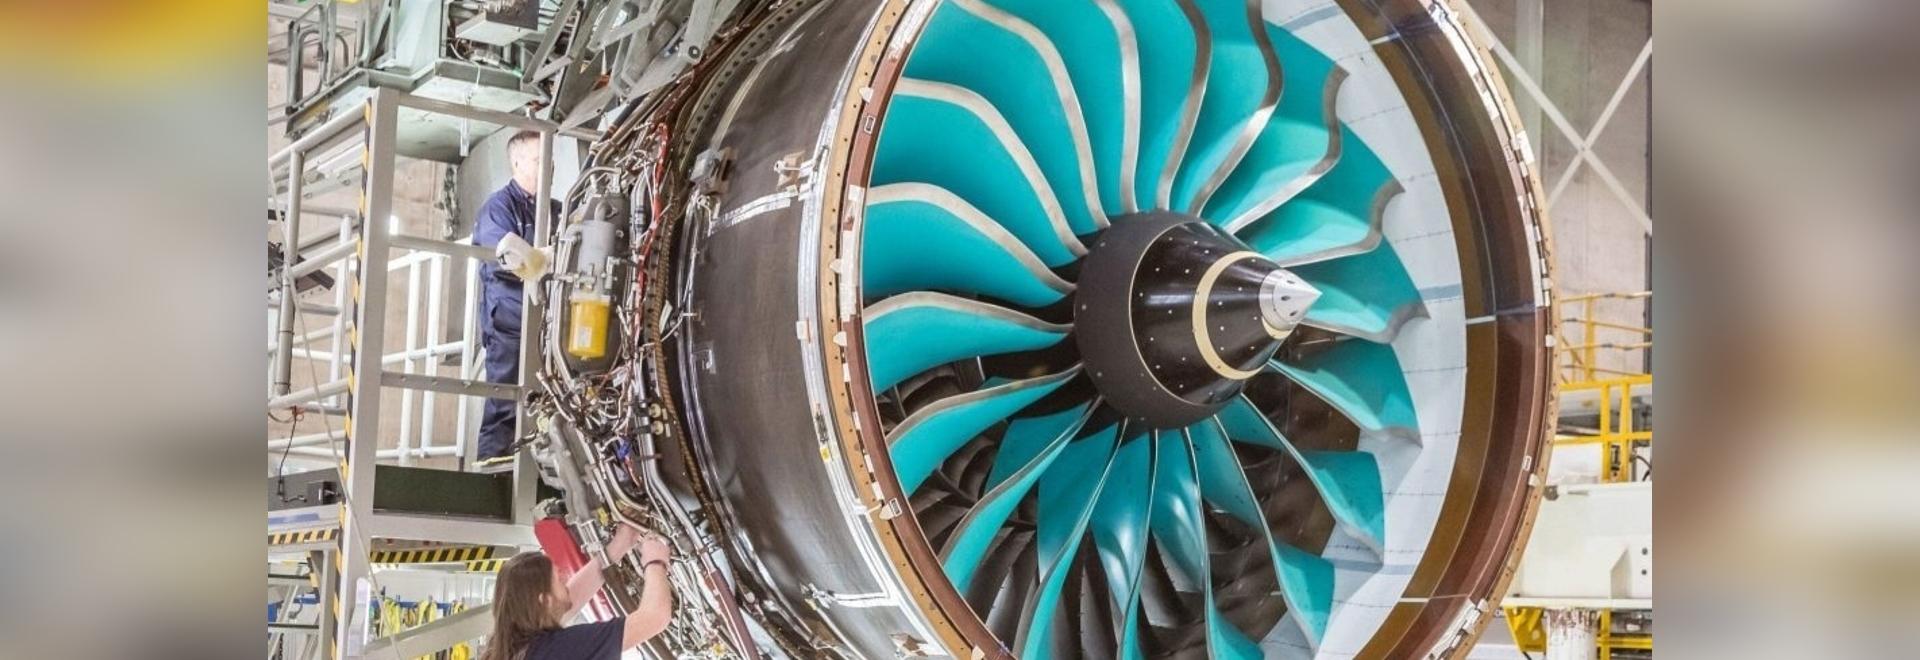 Rolls-Royce engineers in Derby, UK, prepare to test the UltraFan's composite fan system.